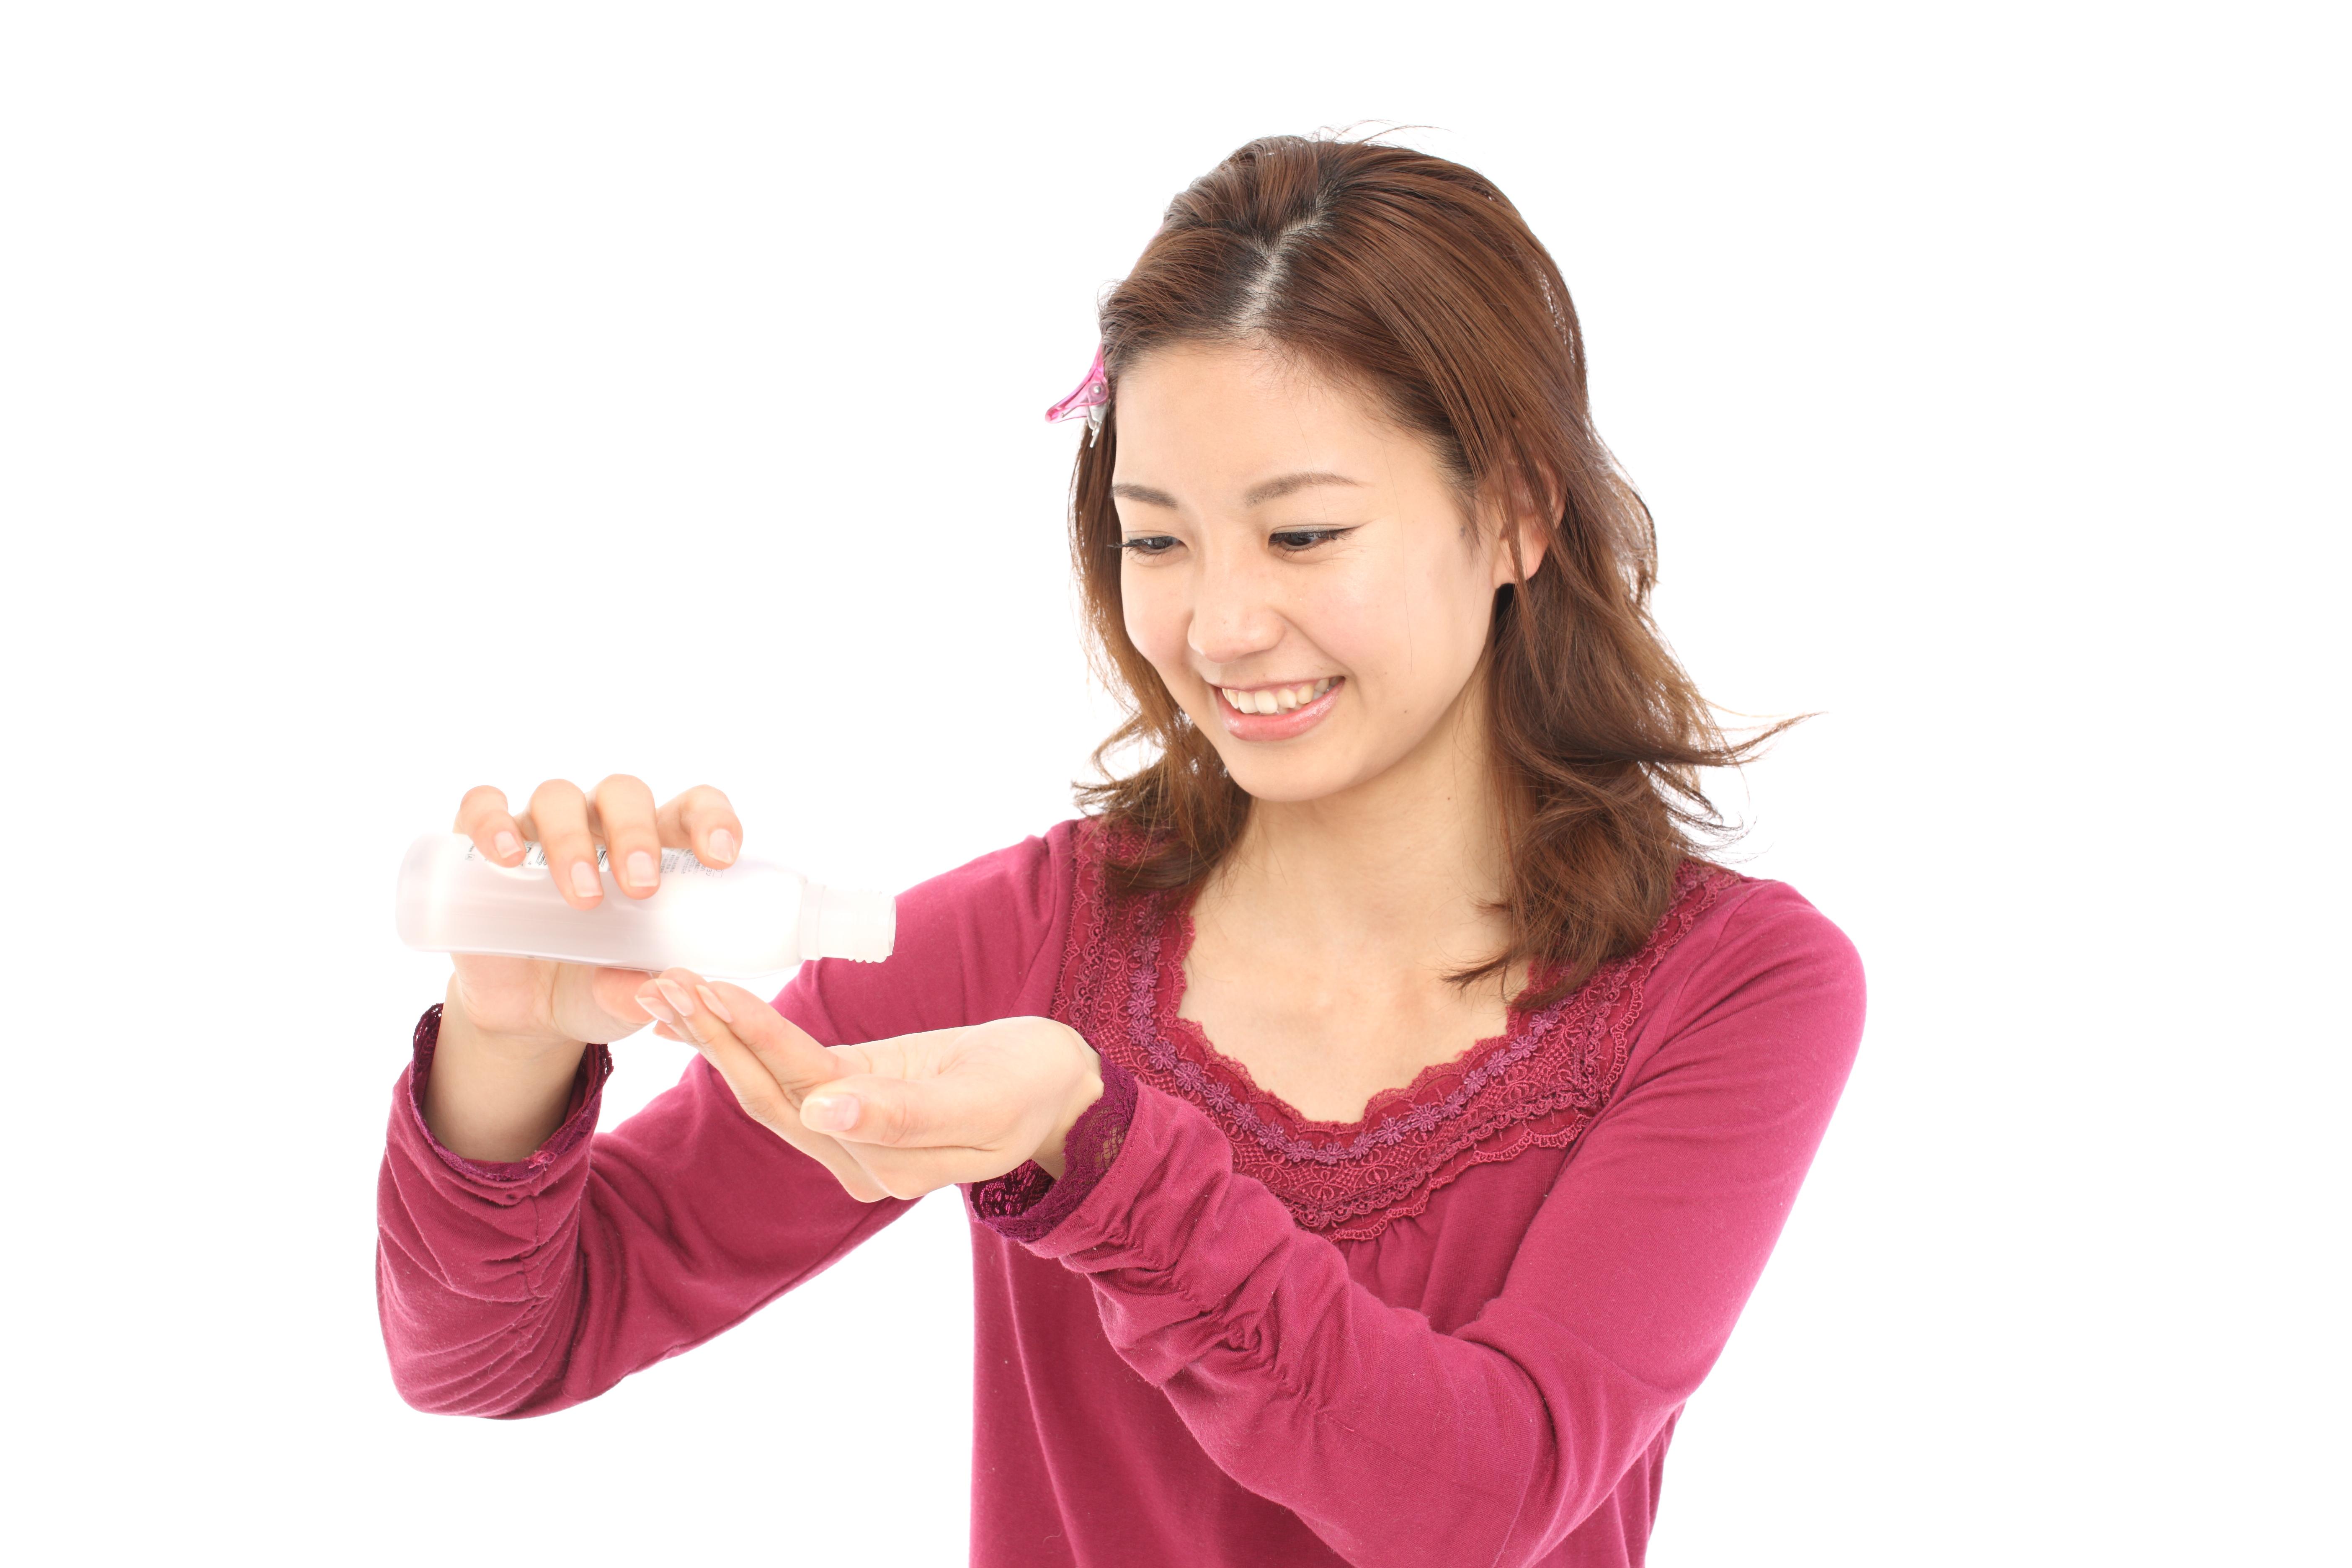 プチプラでもとっても優秀♡使えるおすすめ化粧水大公開!!のサムネイル画像